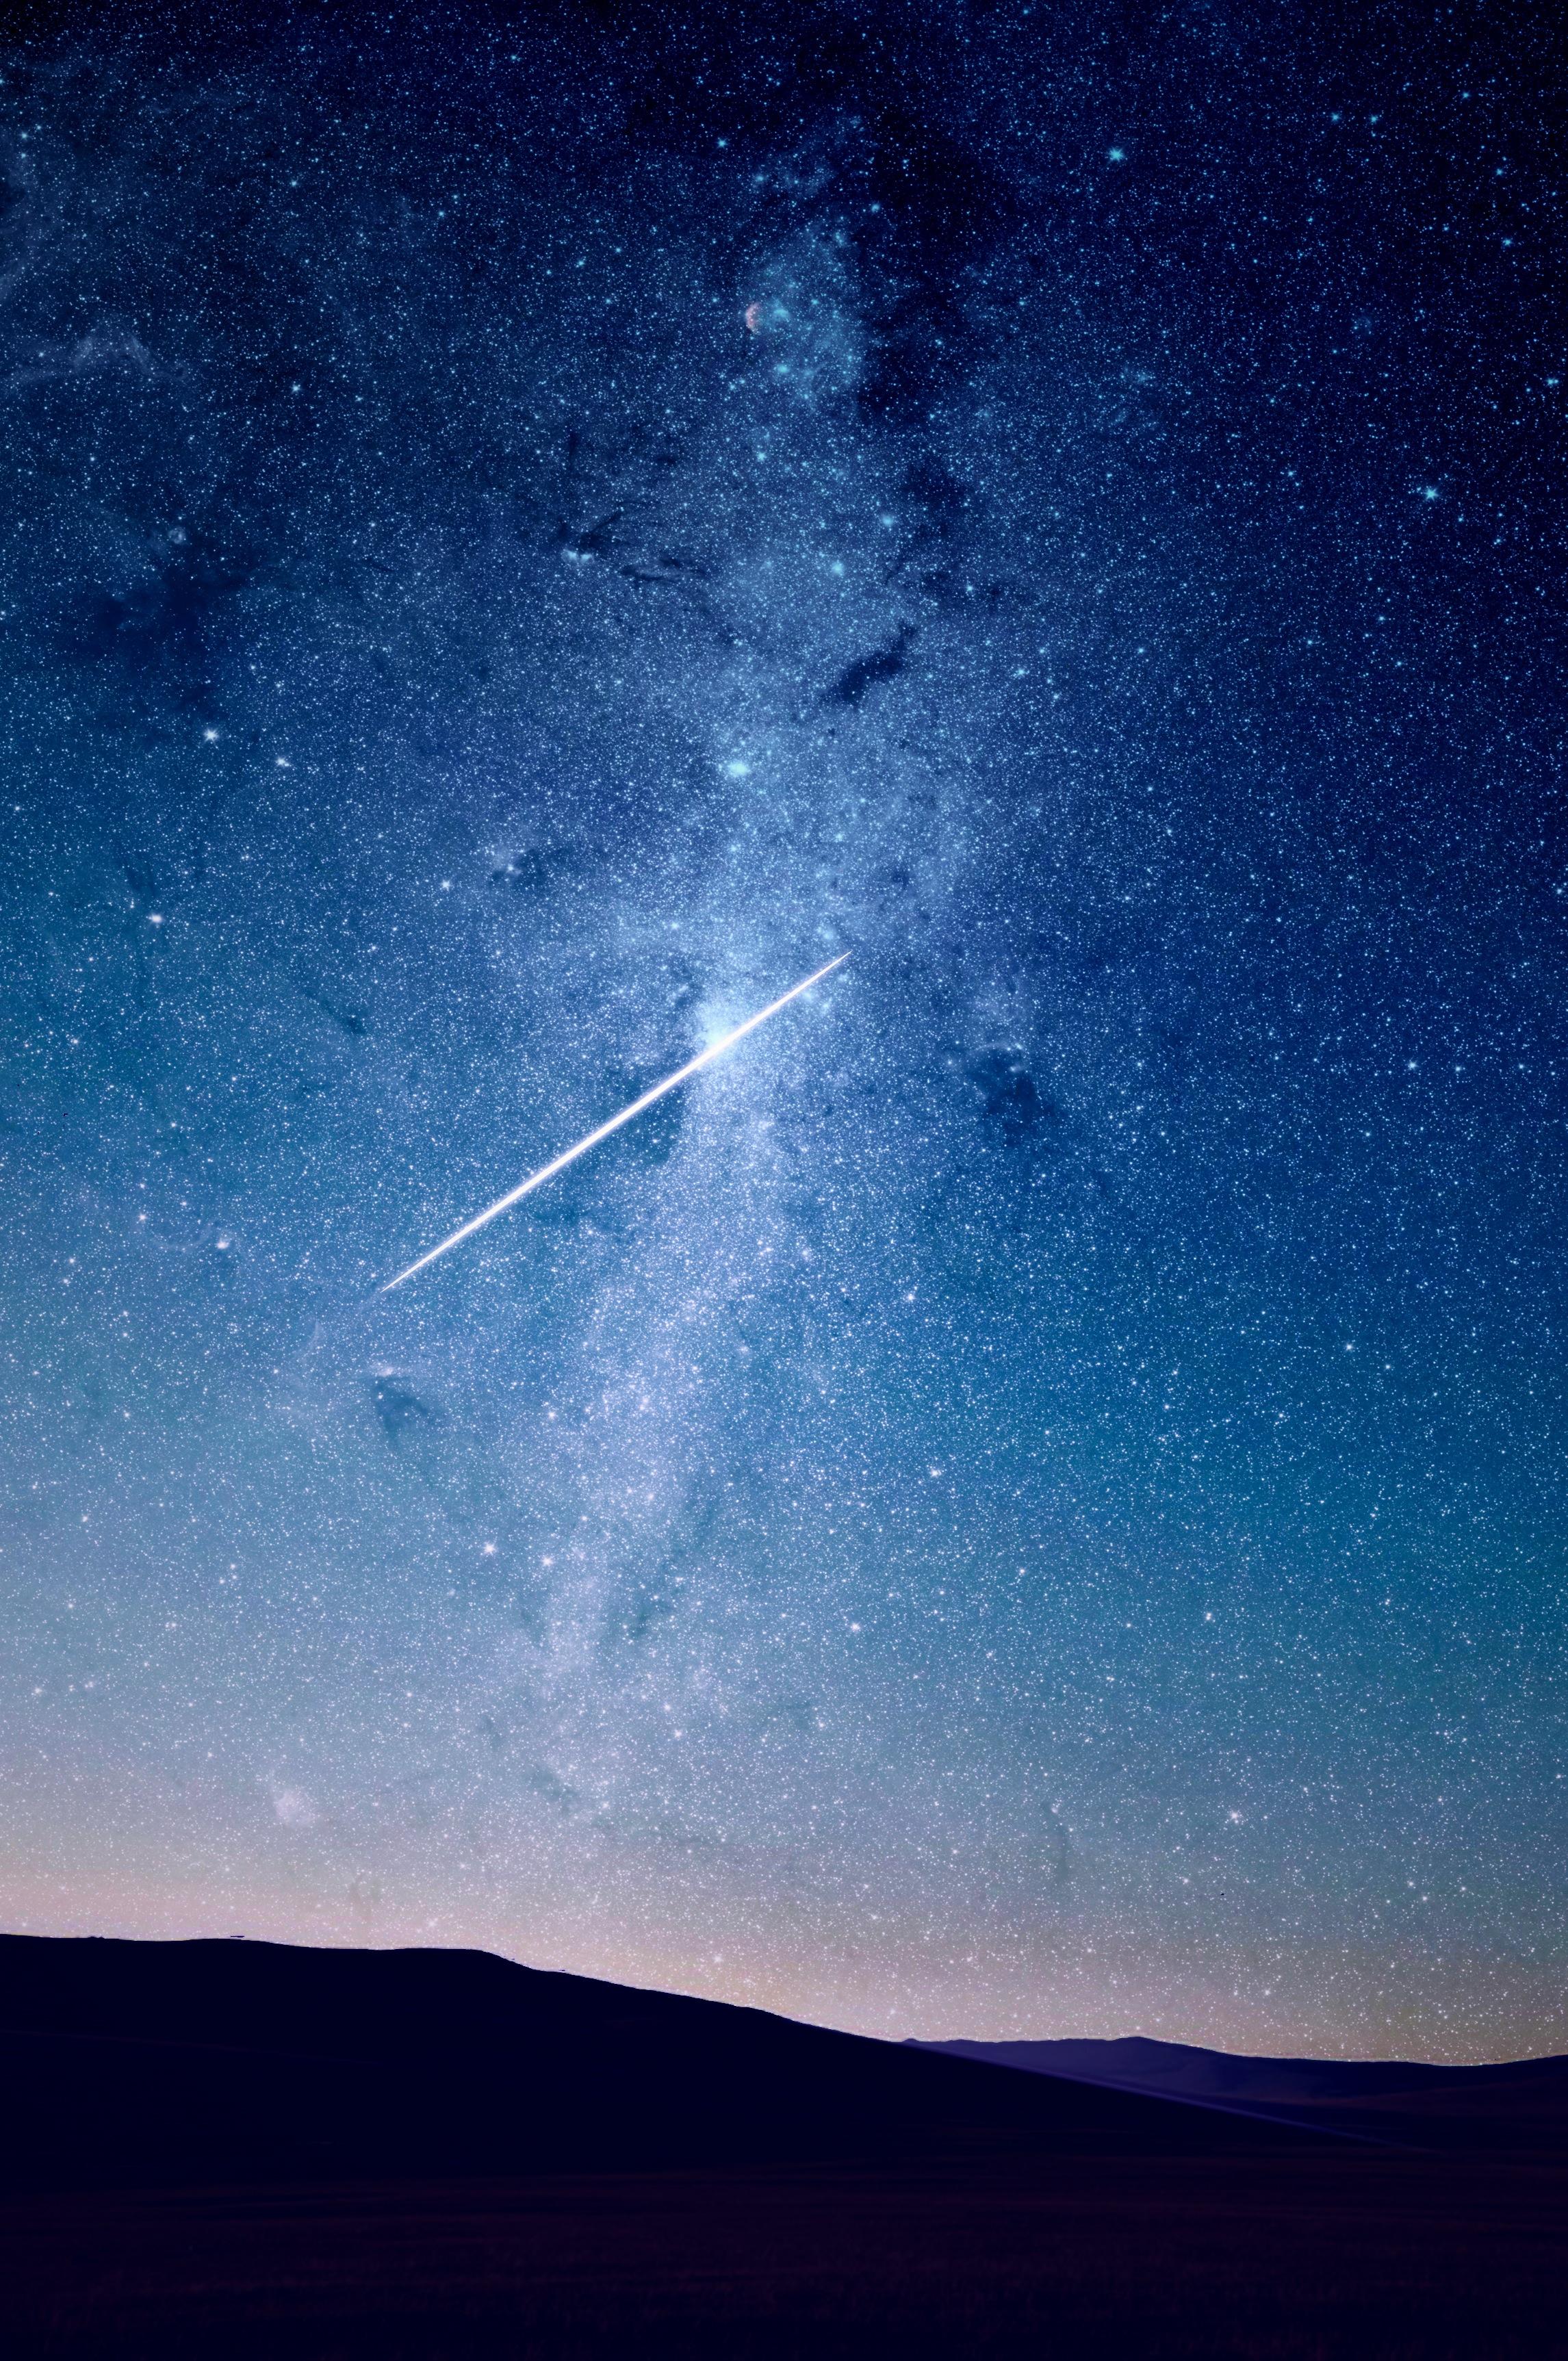 Bildquelle: Unsplash.com / By Juskteez Vu